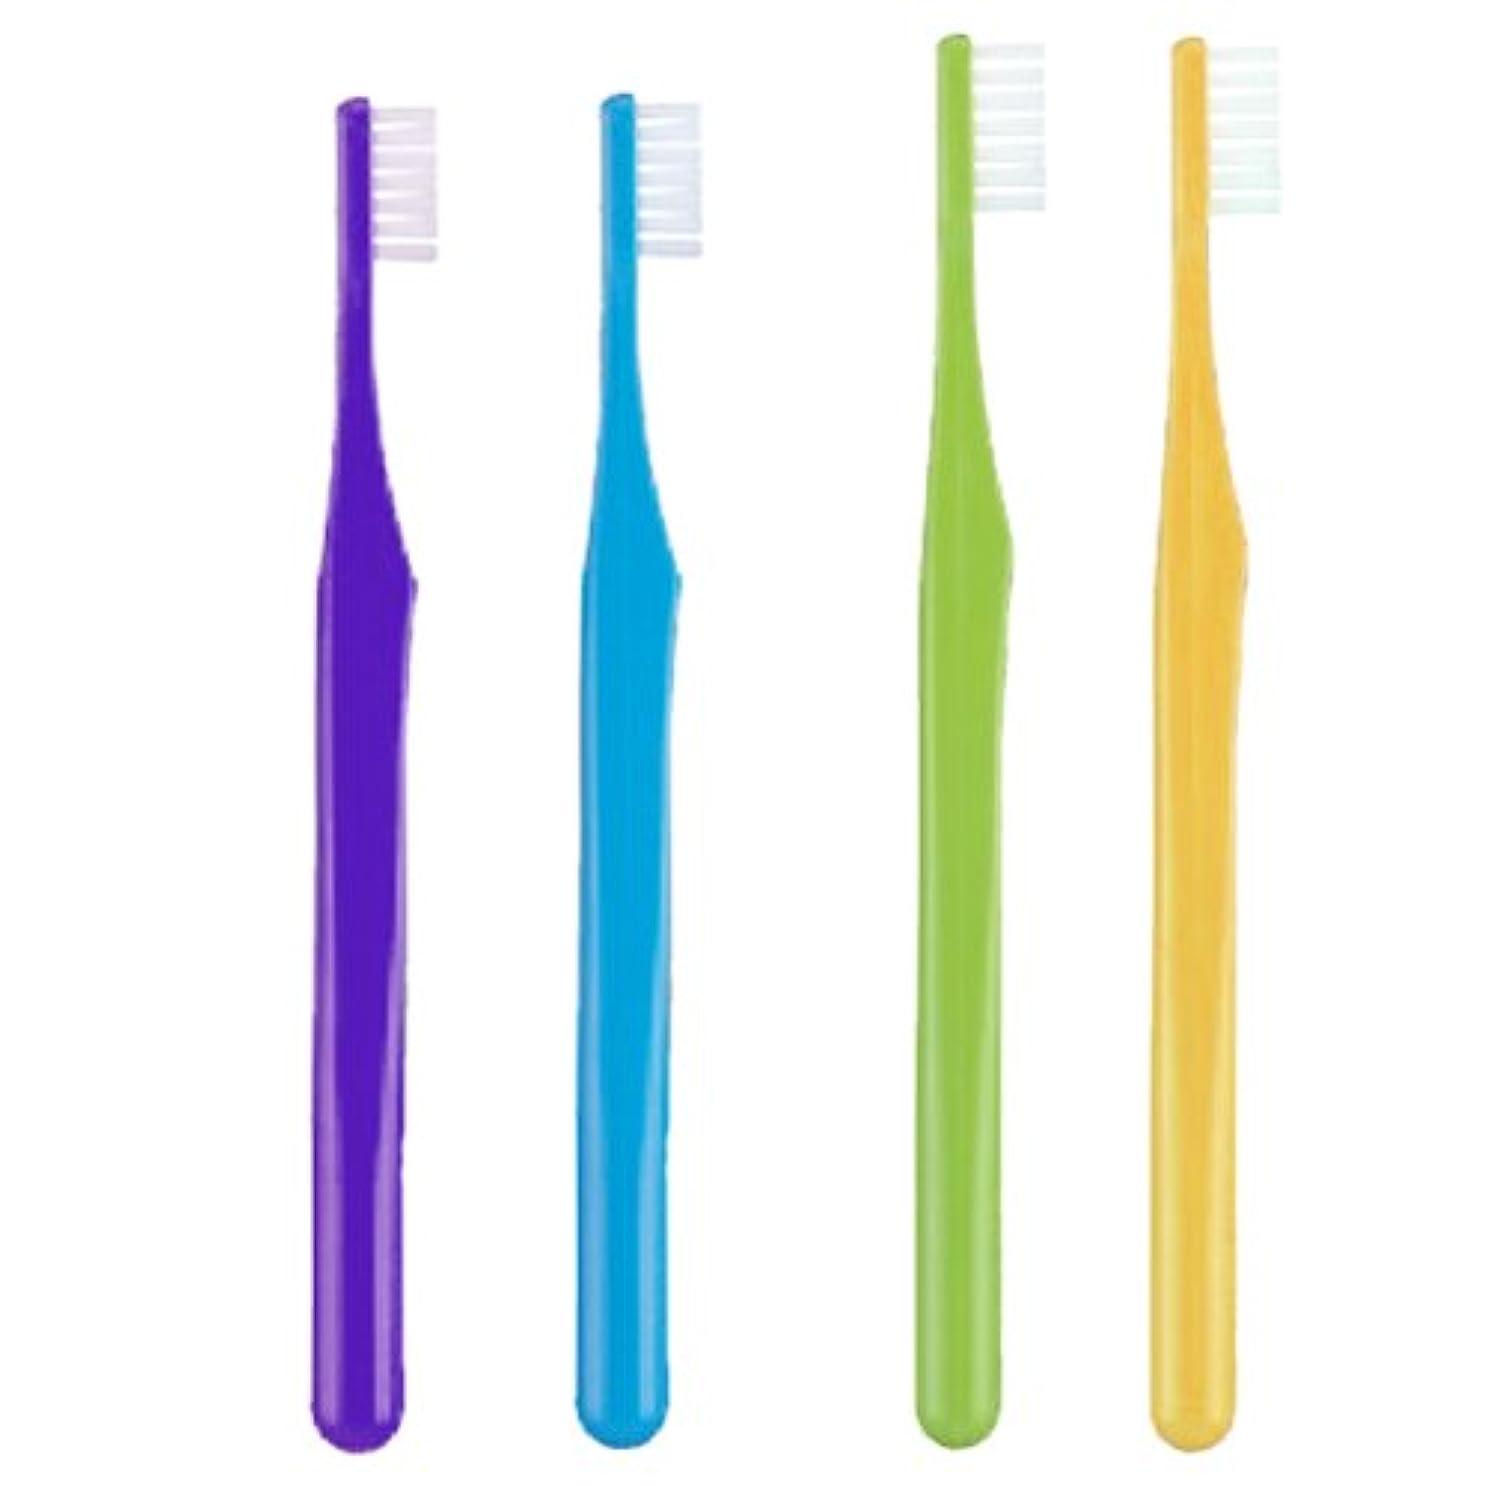 広まったフェッチびっくりするプロスペックプラス歯ブラシ1本タイニー/スモール (タイニー)